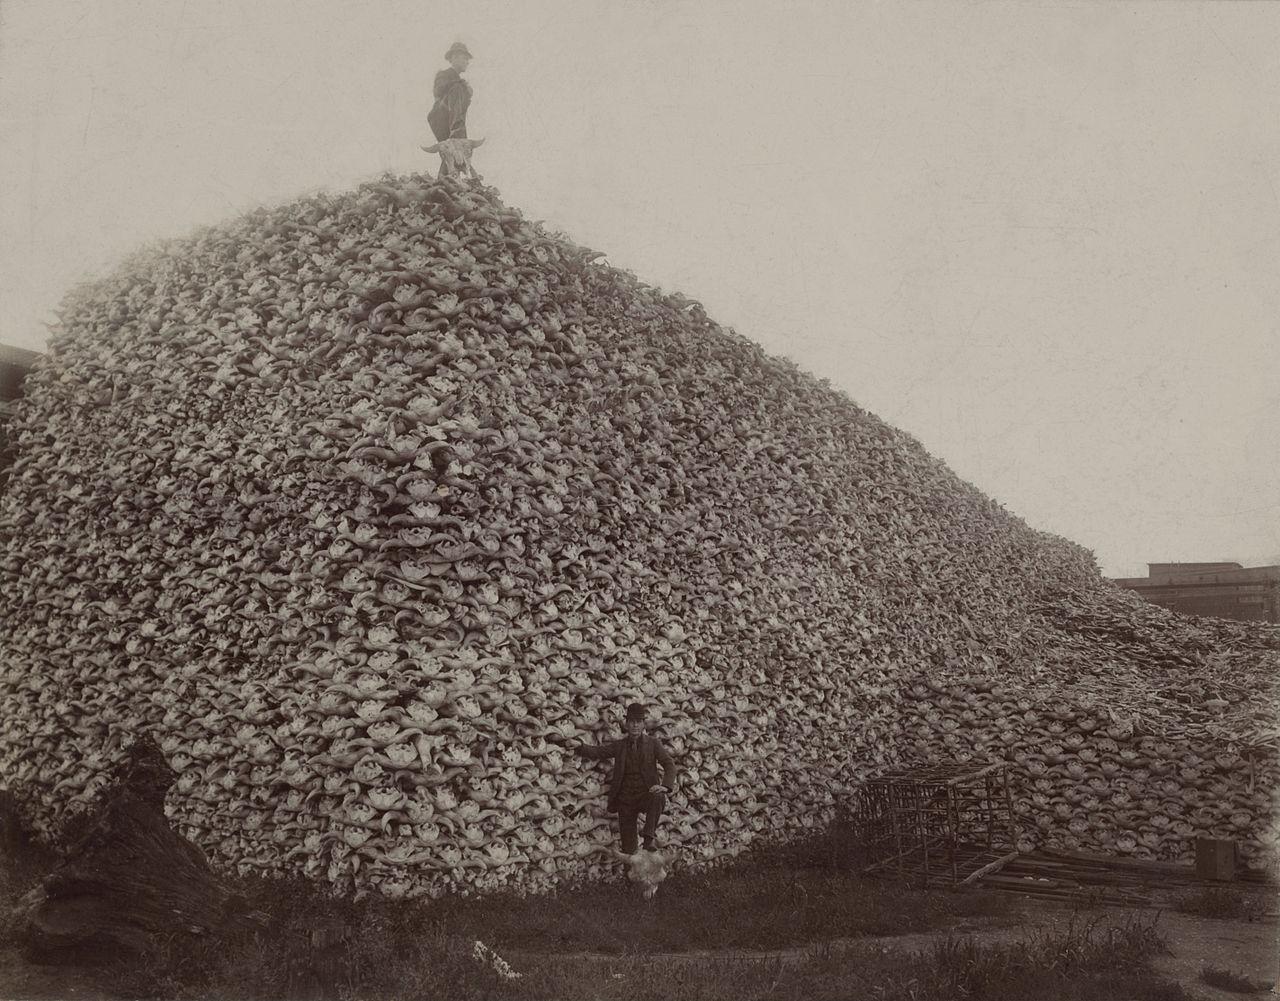 Mann står på toppen av enorm haug med hodeskaller fra dyr. Foto.